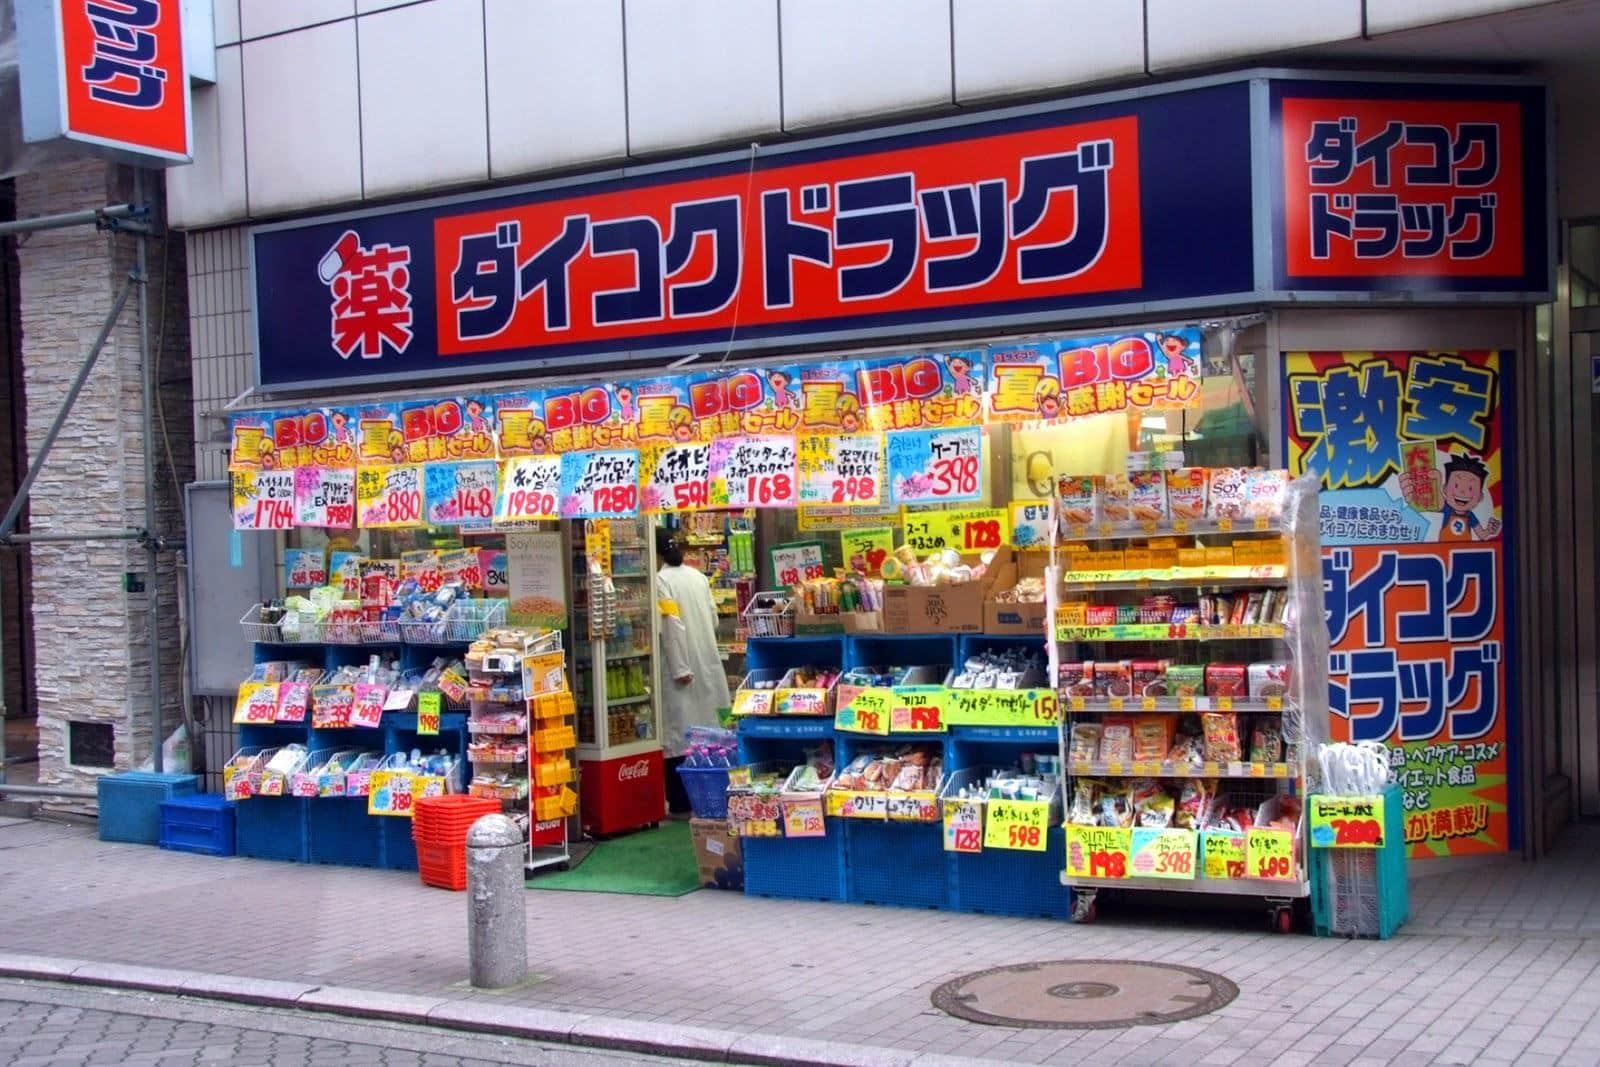 Cách gửi đồ ở Nhật, dịch vụ chuyển phát nhanh tại Nhật